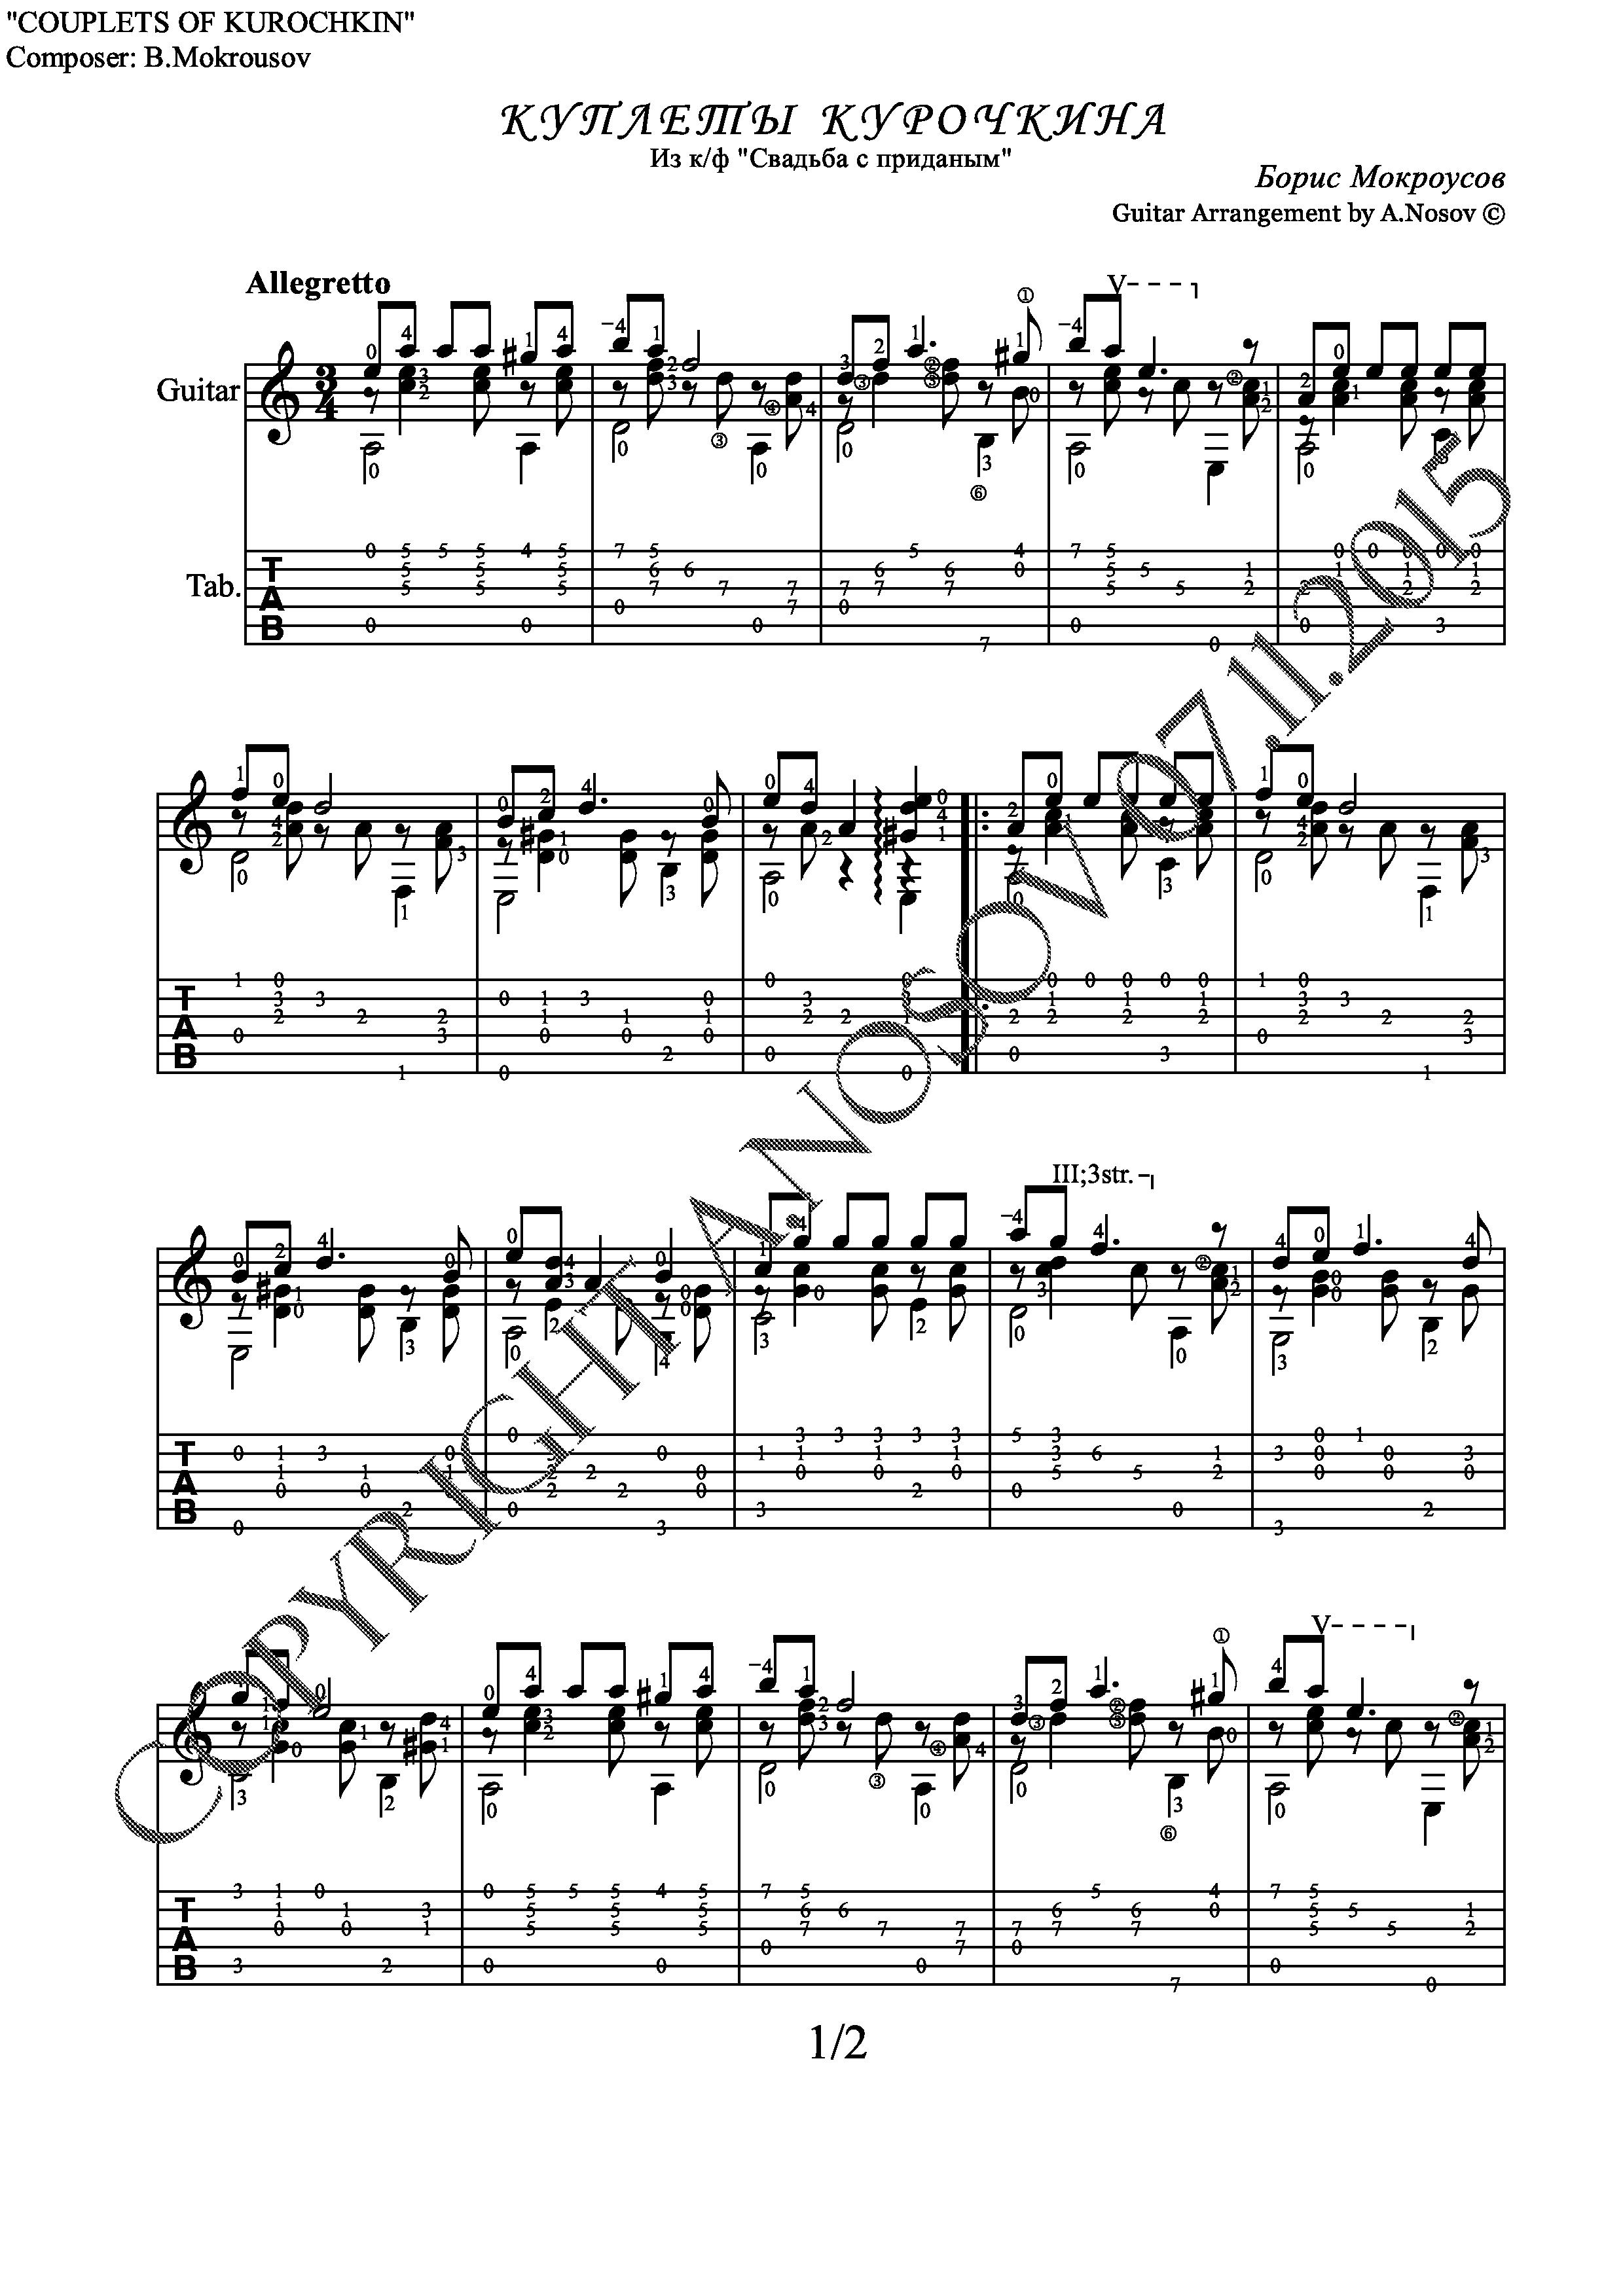 Куплеты Курочкина (Ноты и табы для гитары соло)